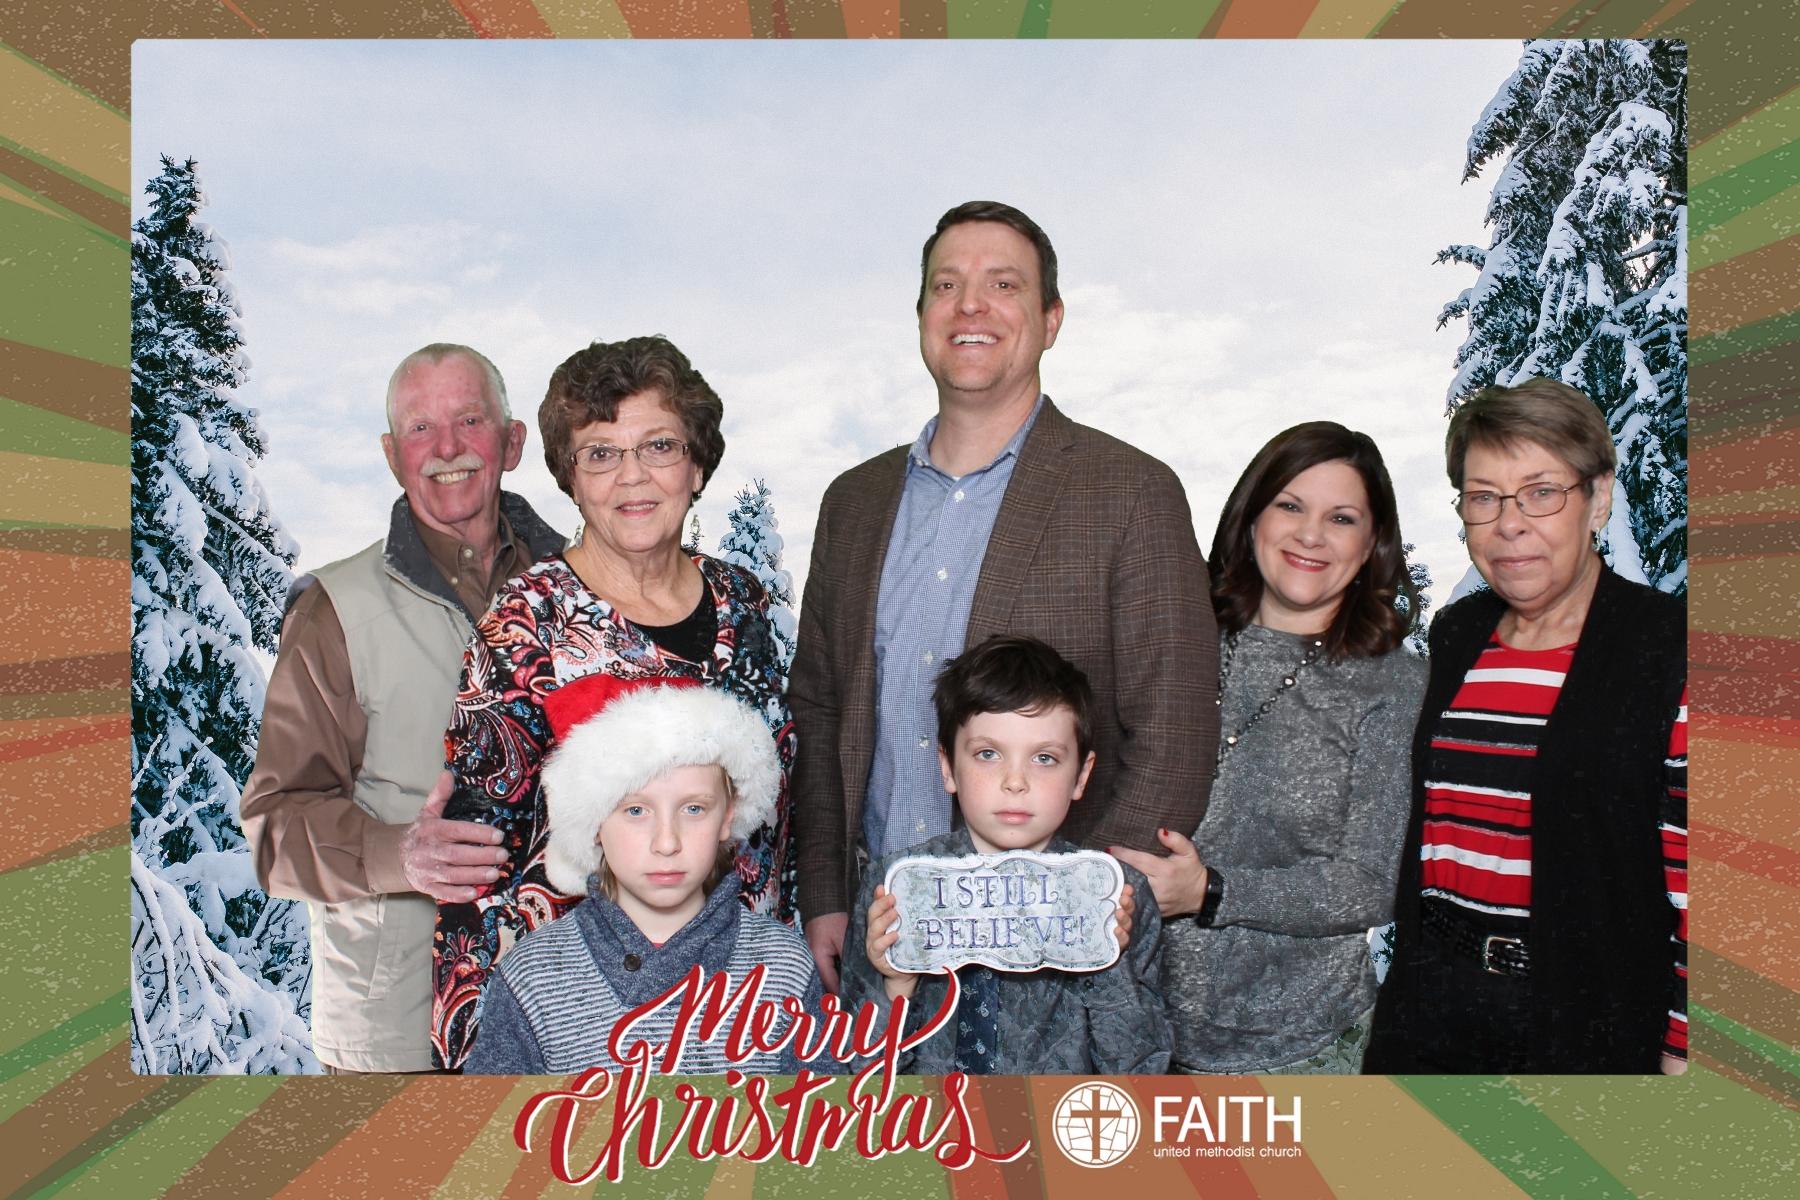 Faith2018_2018-12-24_16-42-03.jpg